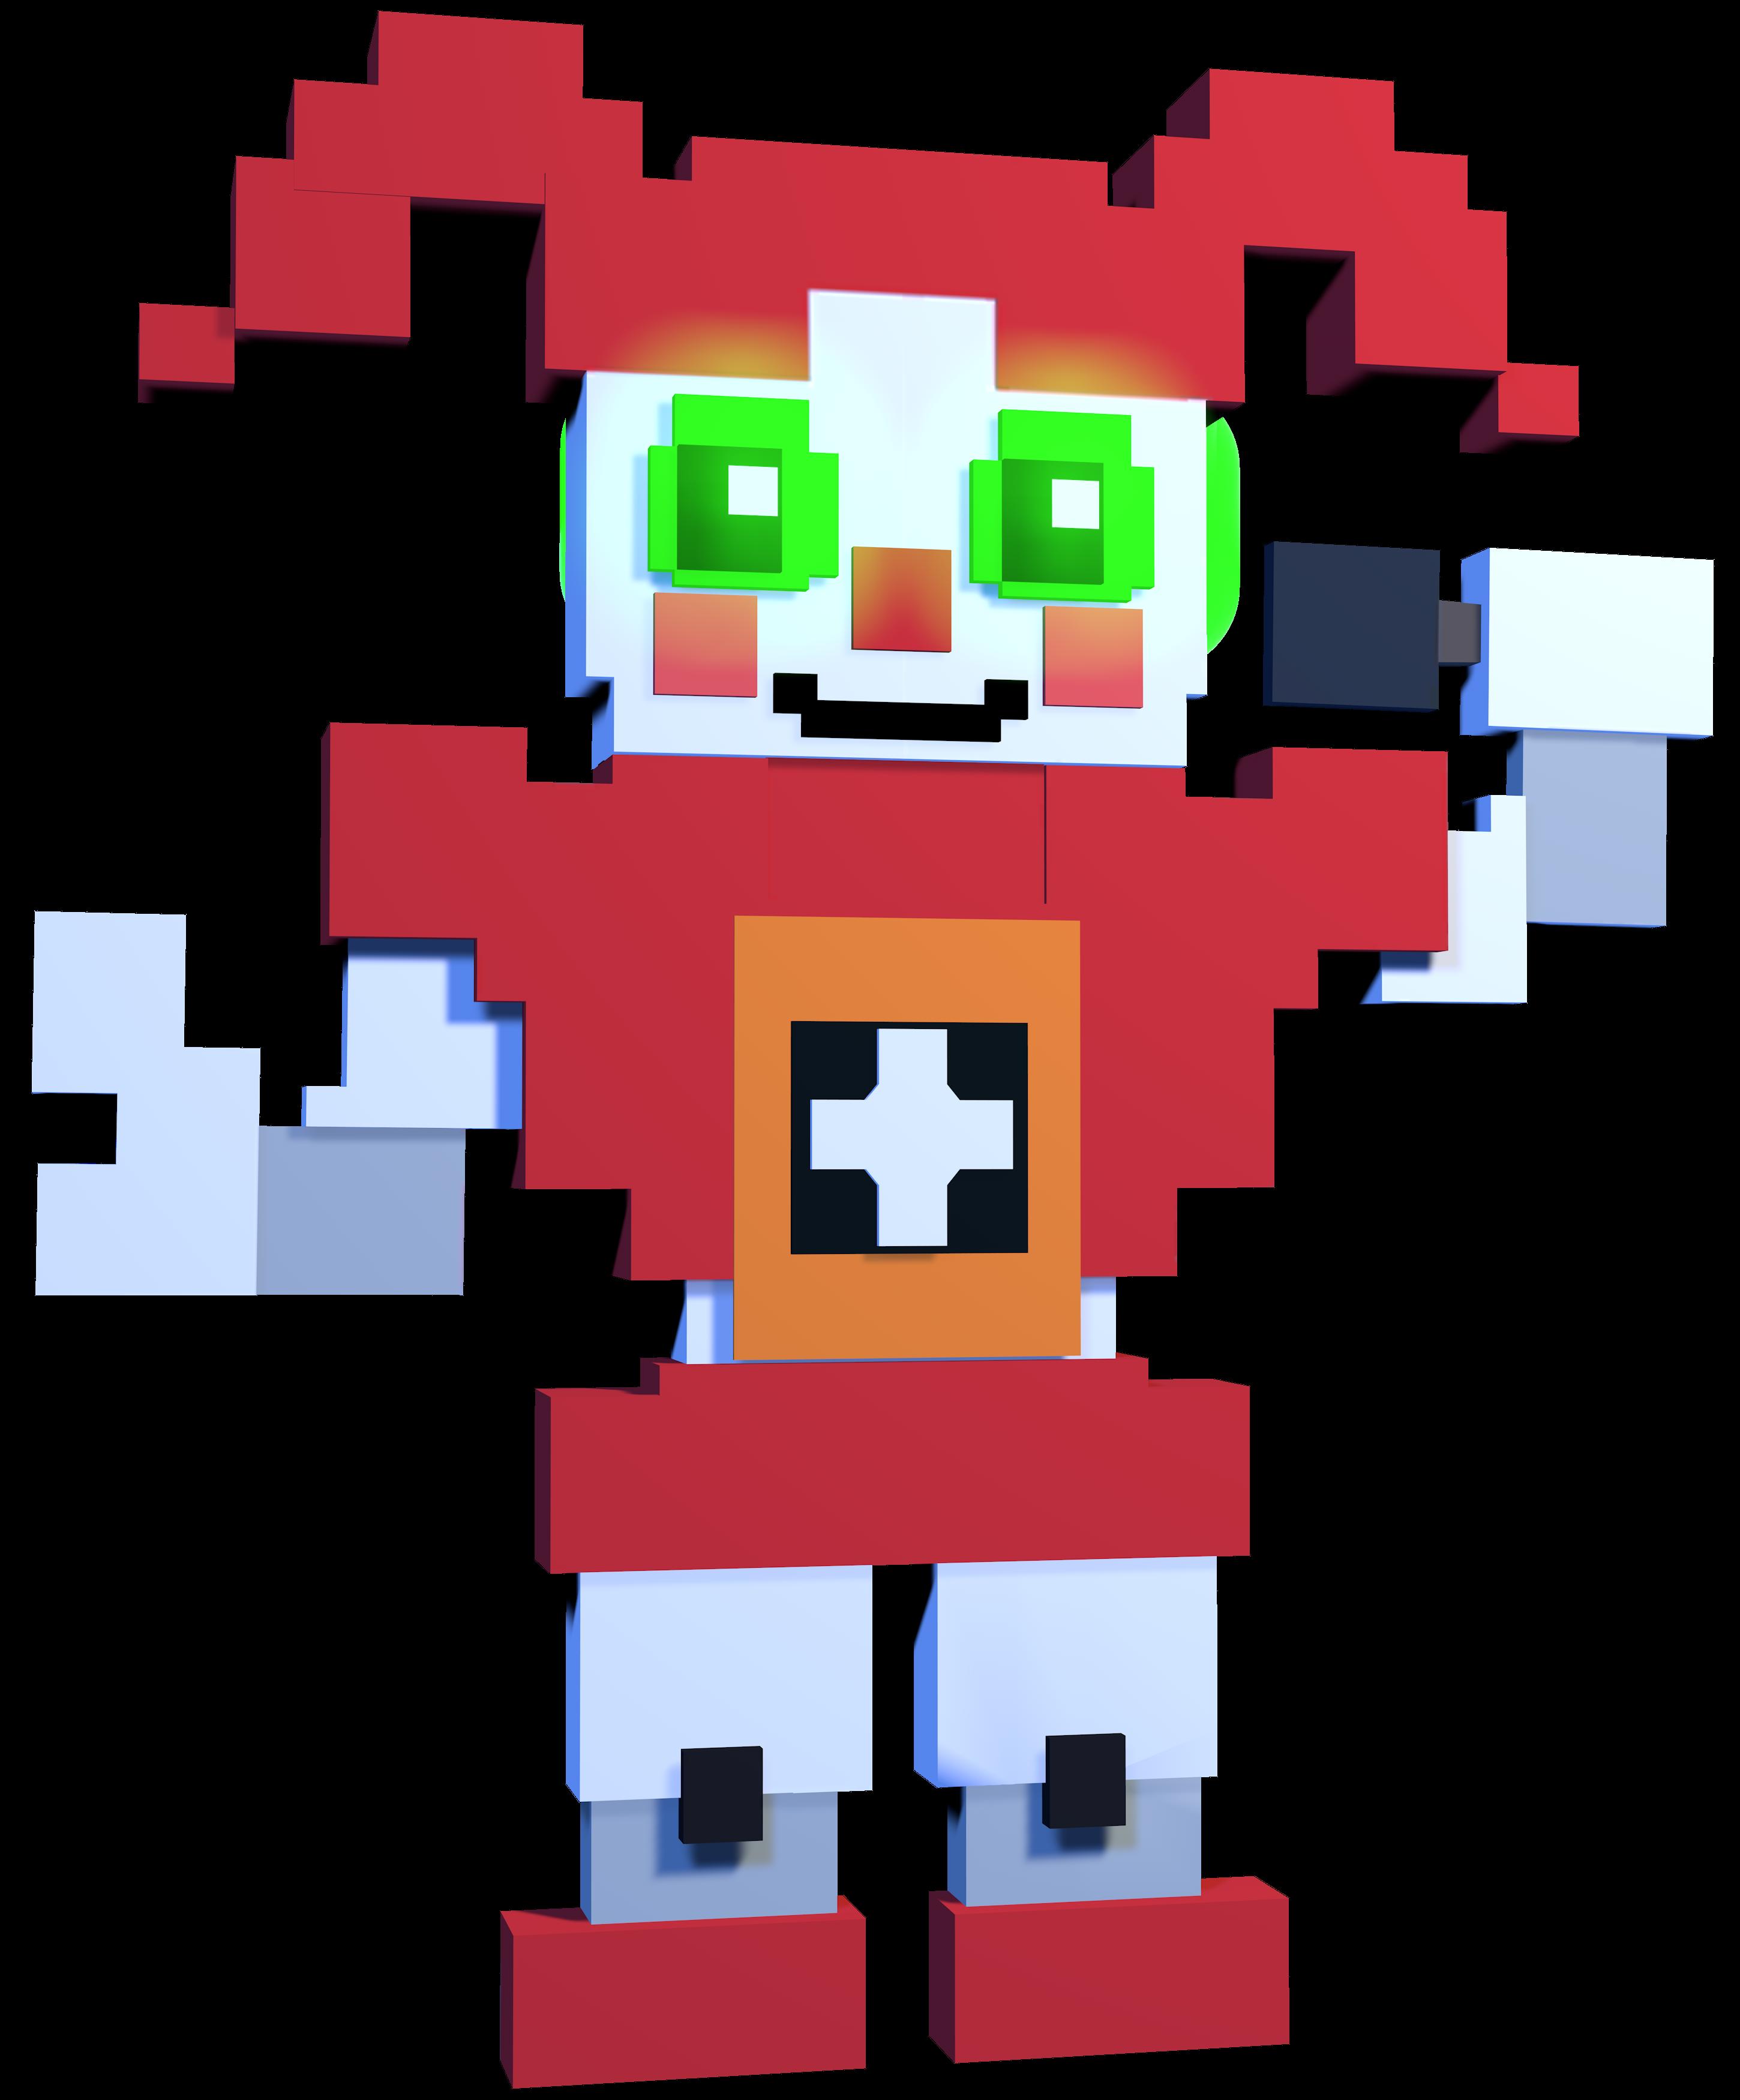 8-Bit Baby